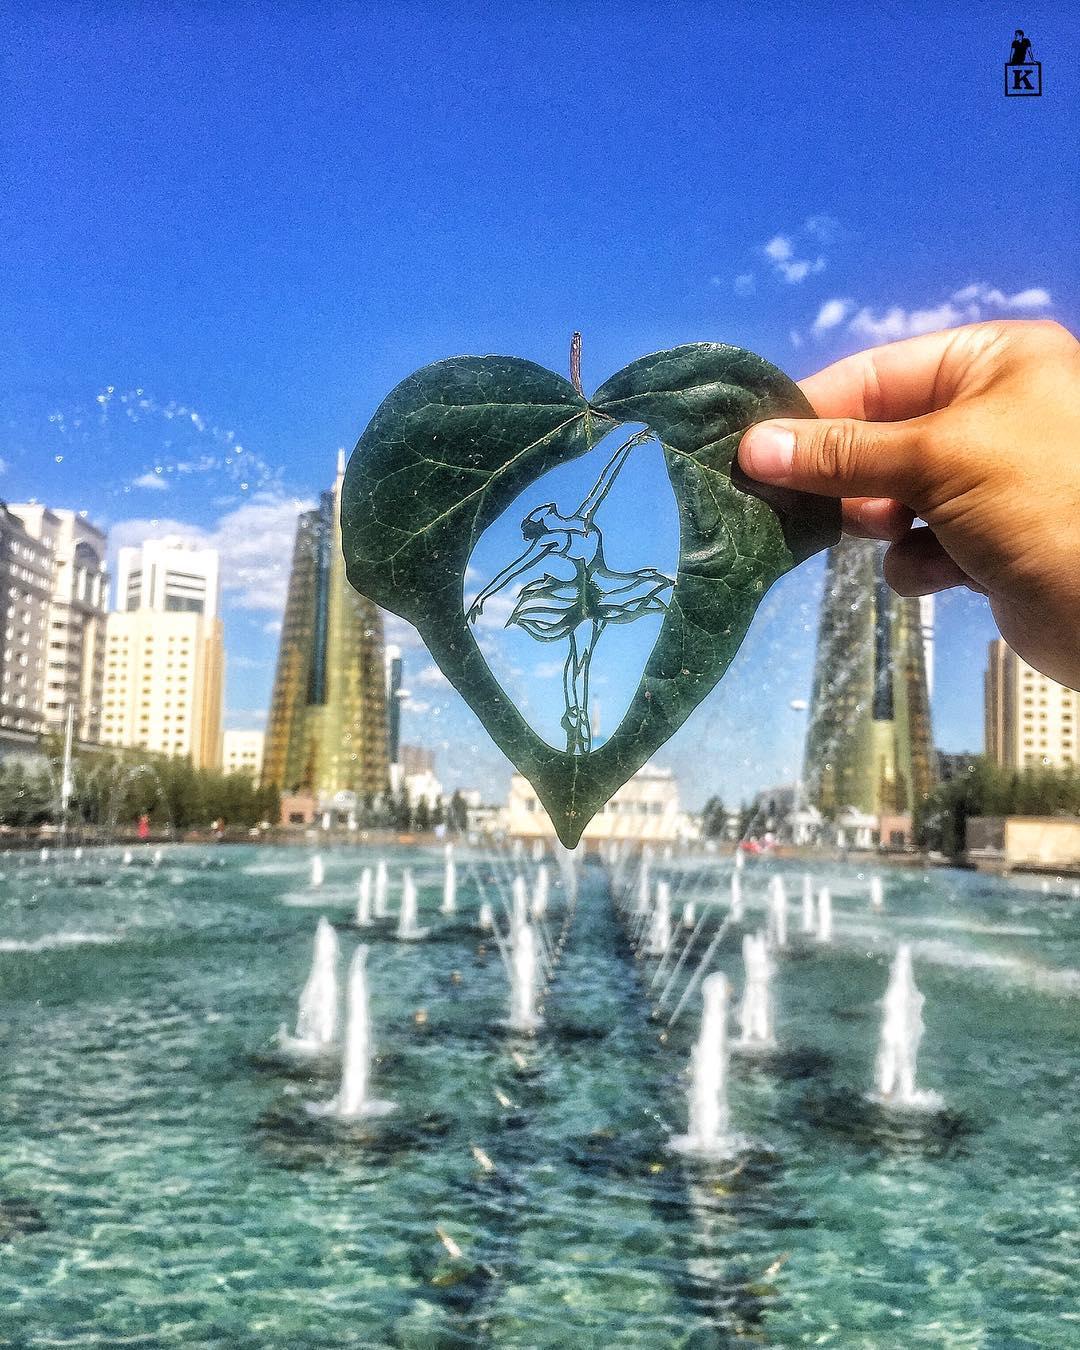 Lá rụng thường bị tống vào thùng rác, lá rụng ở Kazakhstan lại biến thành cả bầu trời nghệ thuật - Ảnh 3.